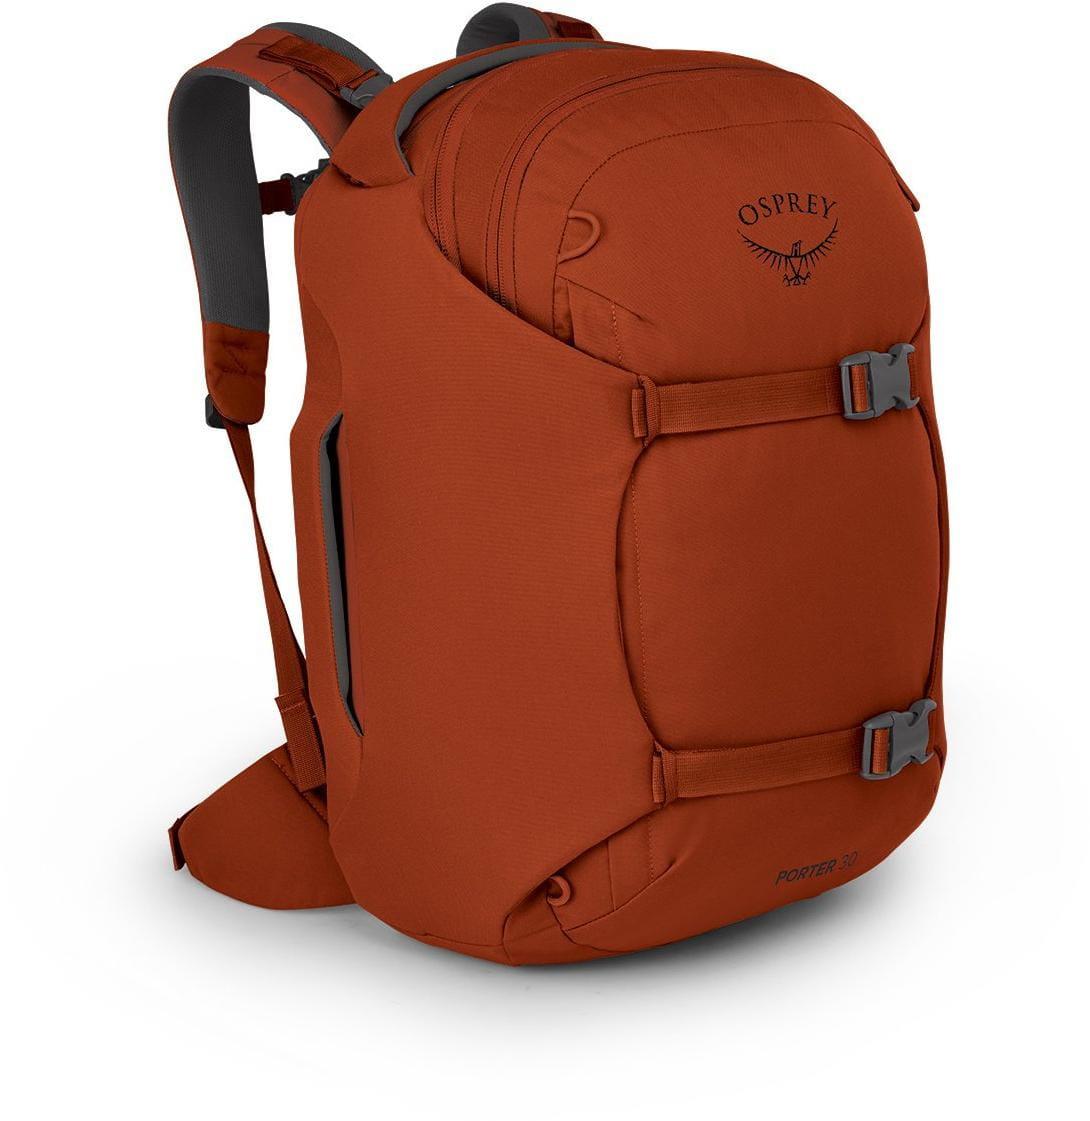 Športová taška Osprey Porter 30 II